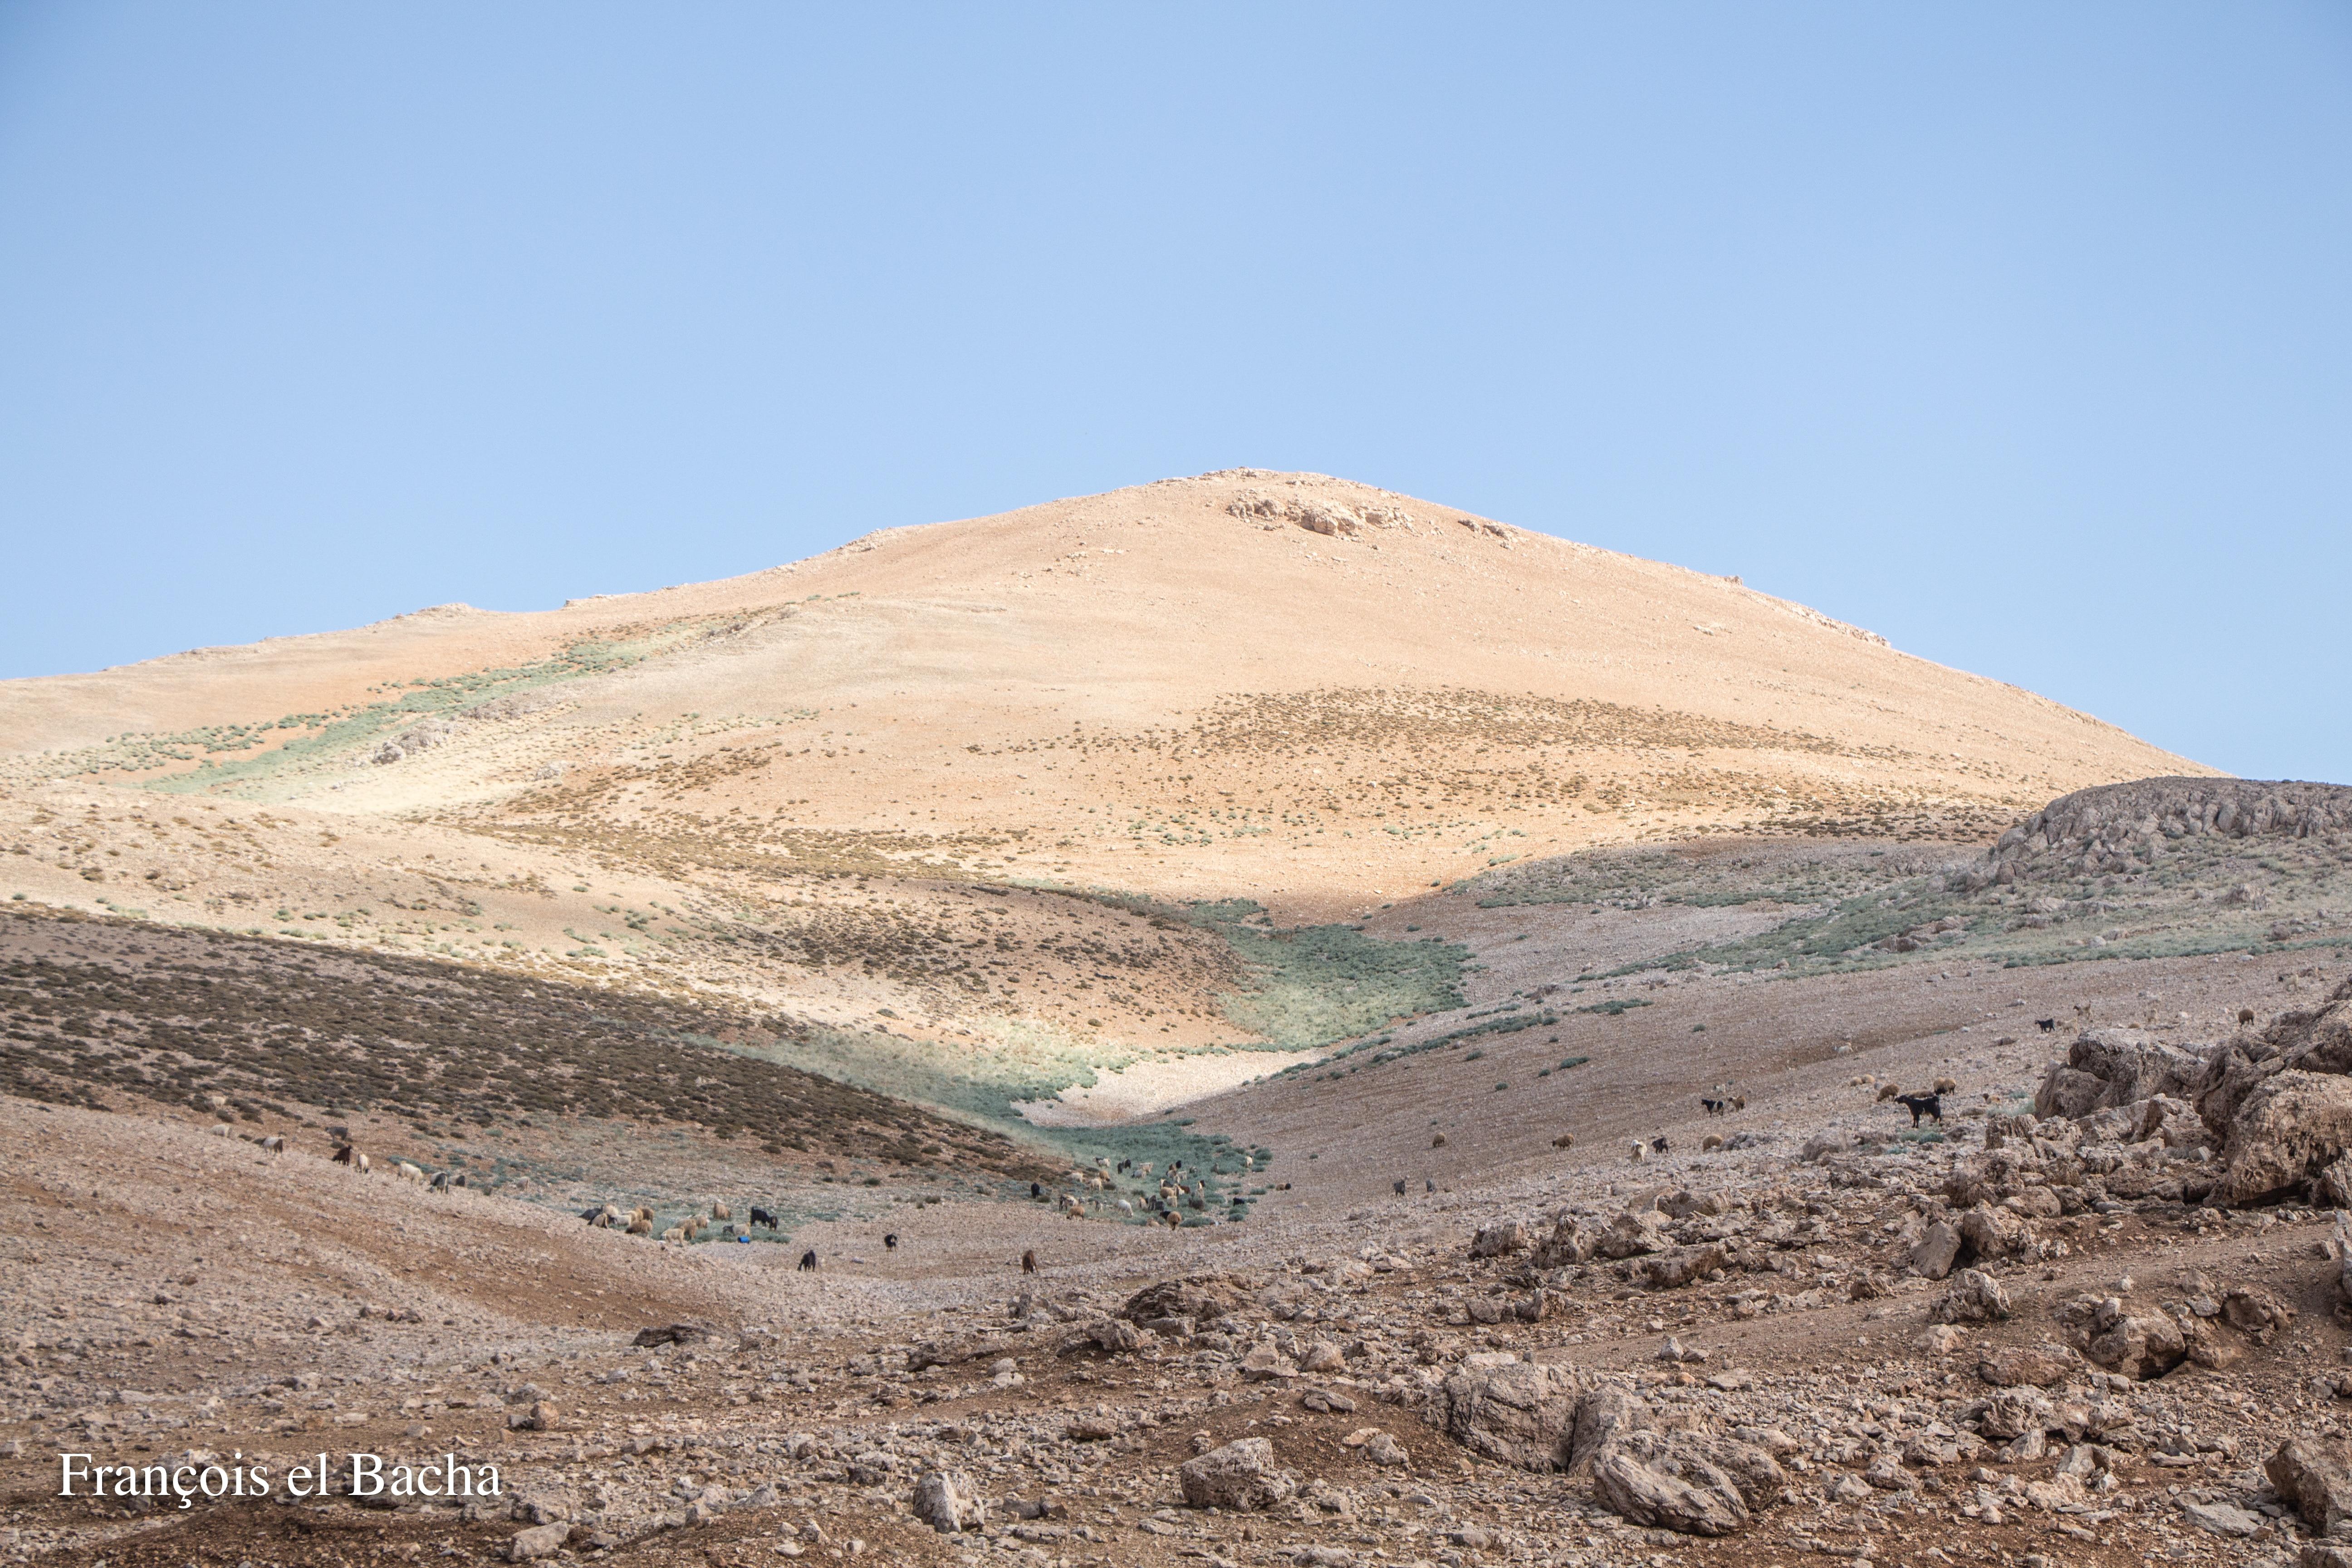 Paysages sur le chemin de randonnée menant à Kornet Saouda. Crédit Photo: François el Bacha, tous droits réservés.